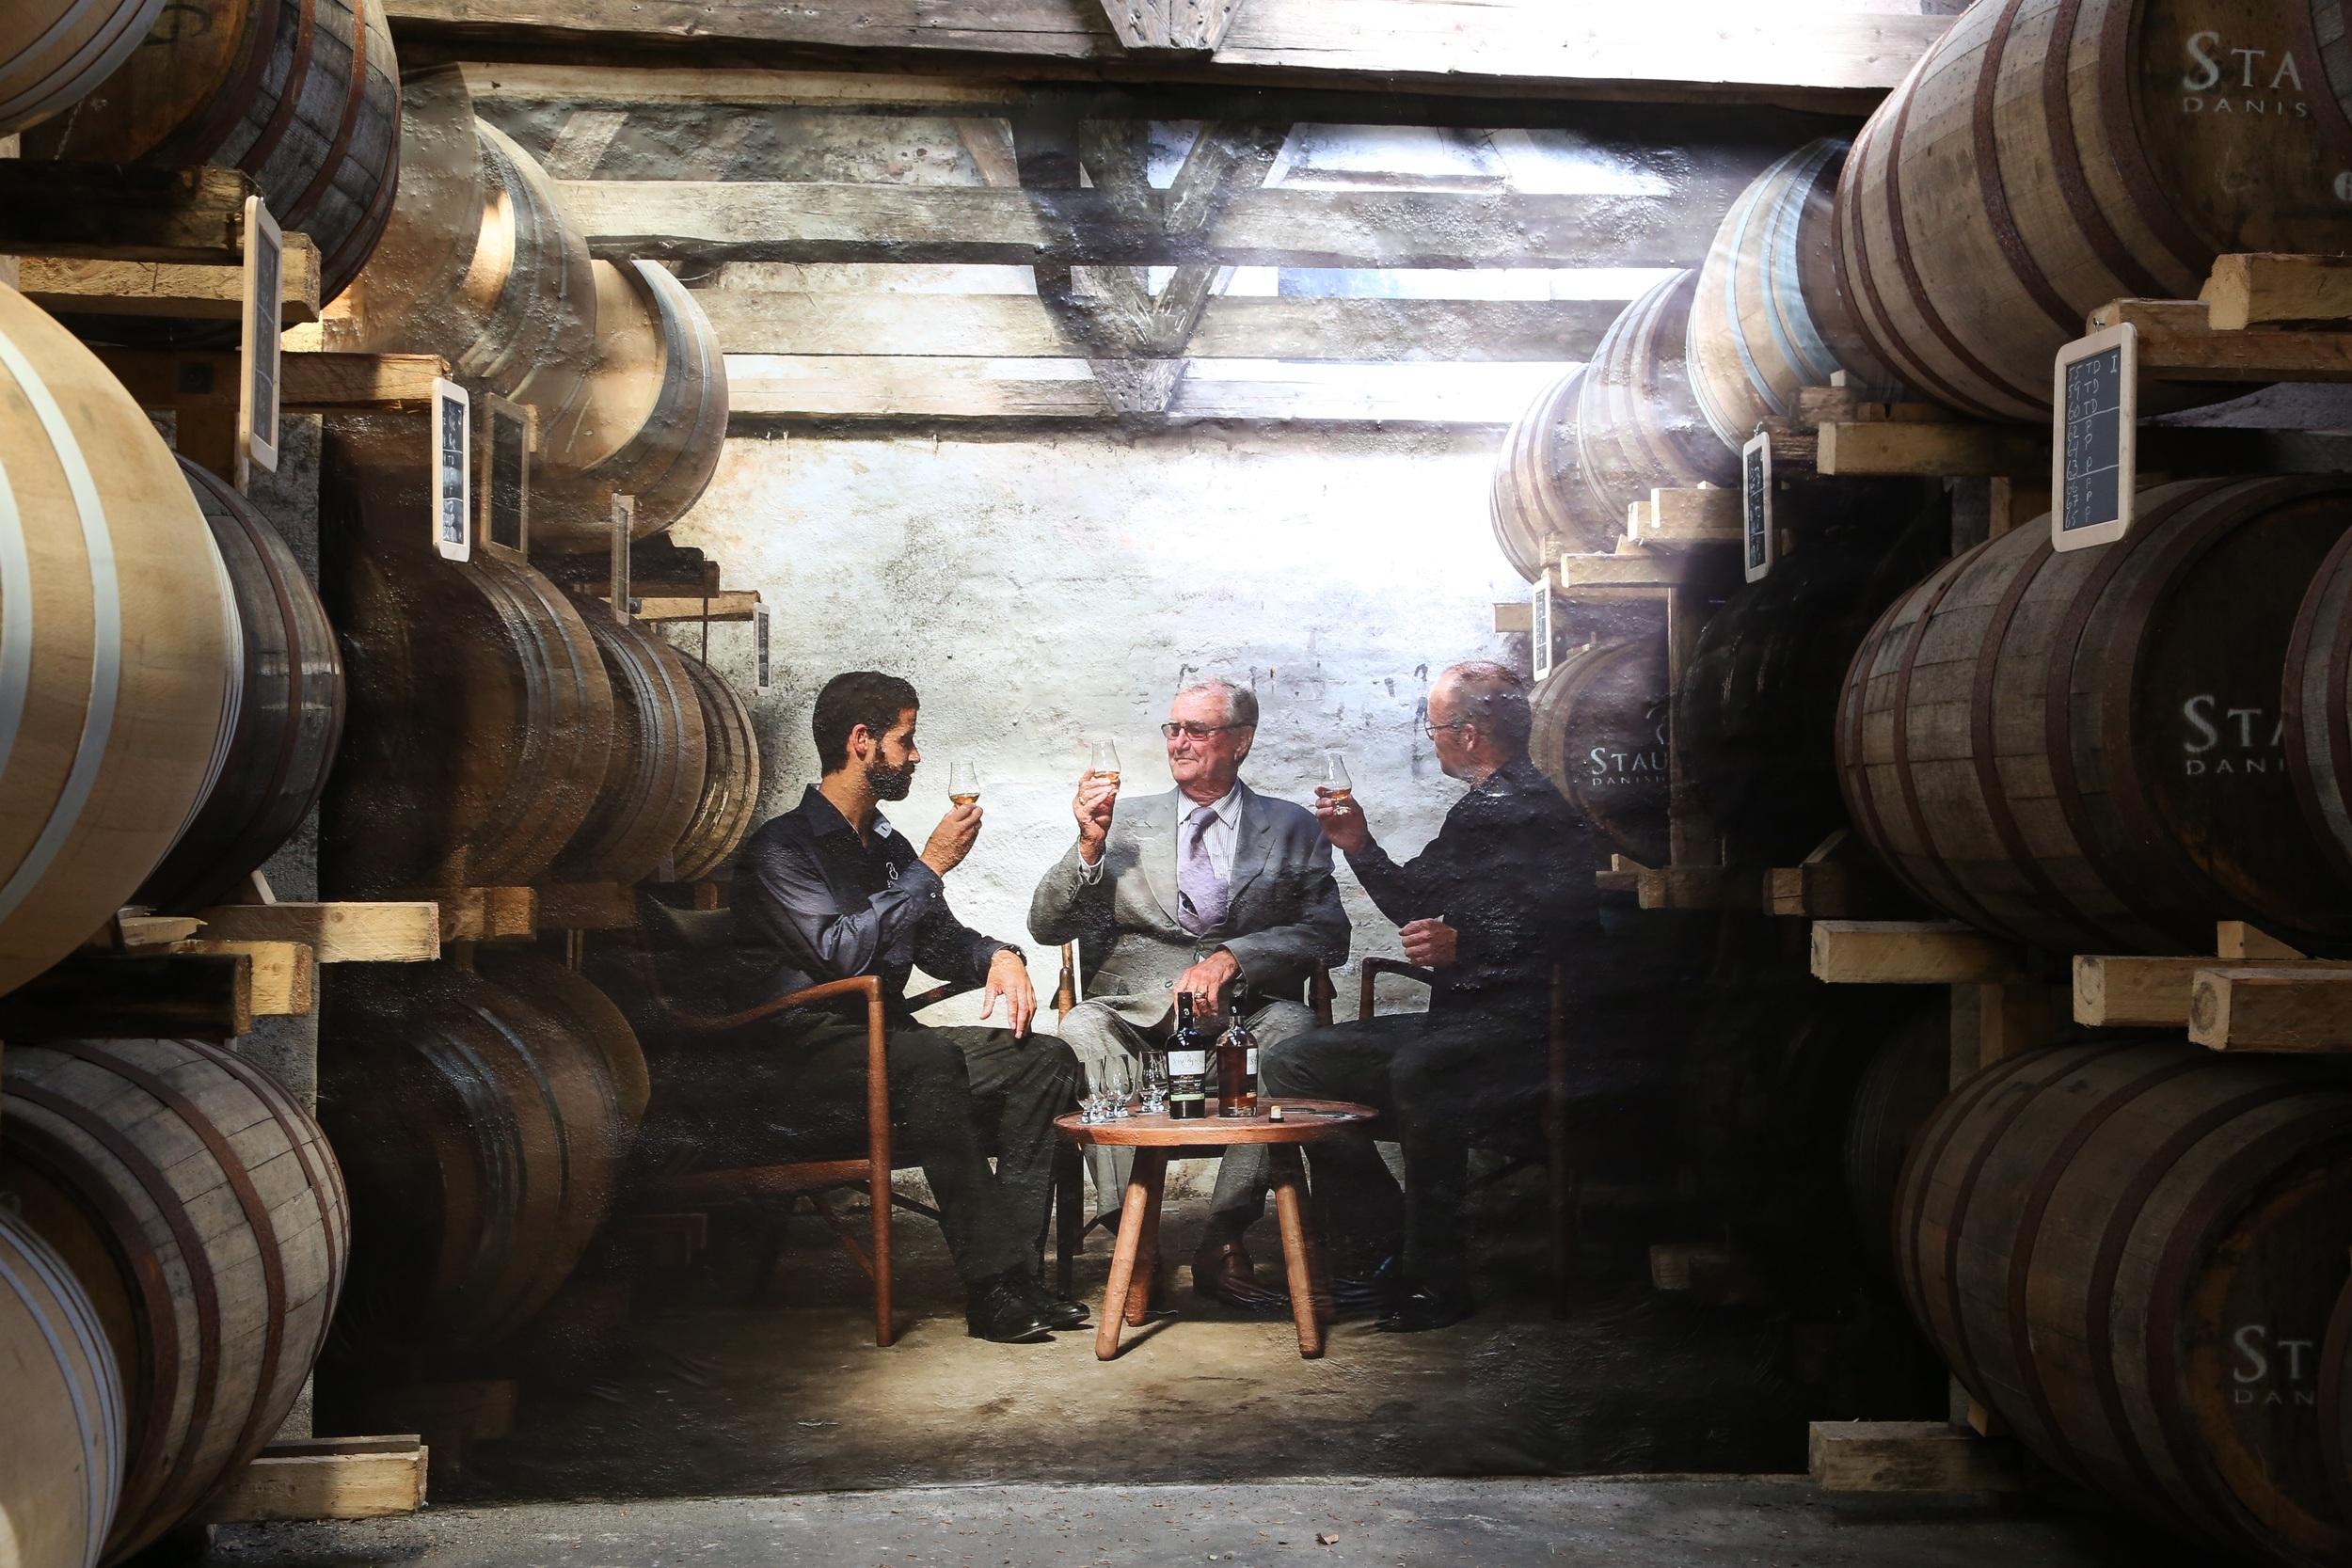 Den danske prins Henrik har besøkt Stauning Whisky, og dette bildet ble tatt. I dag er bildet på veggen i rommet med alle whiskyfatene. Foto: Odd Roar Lange